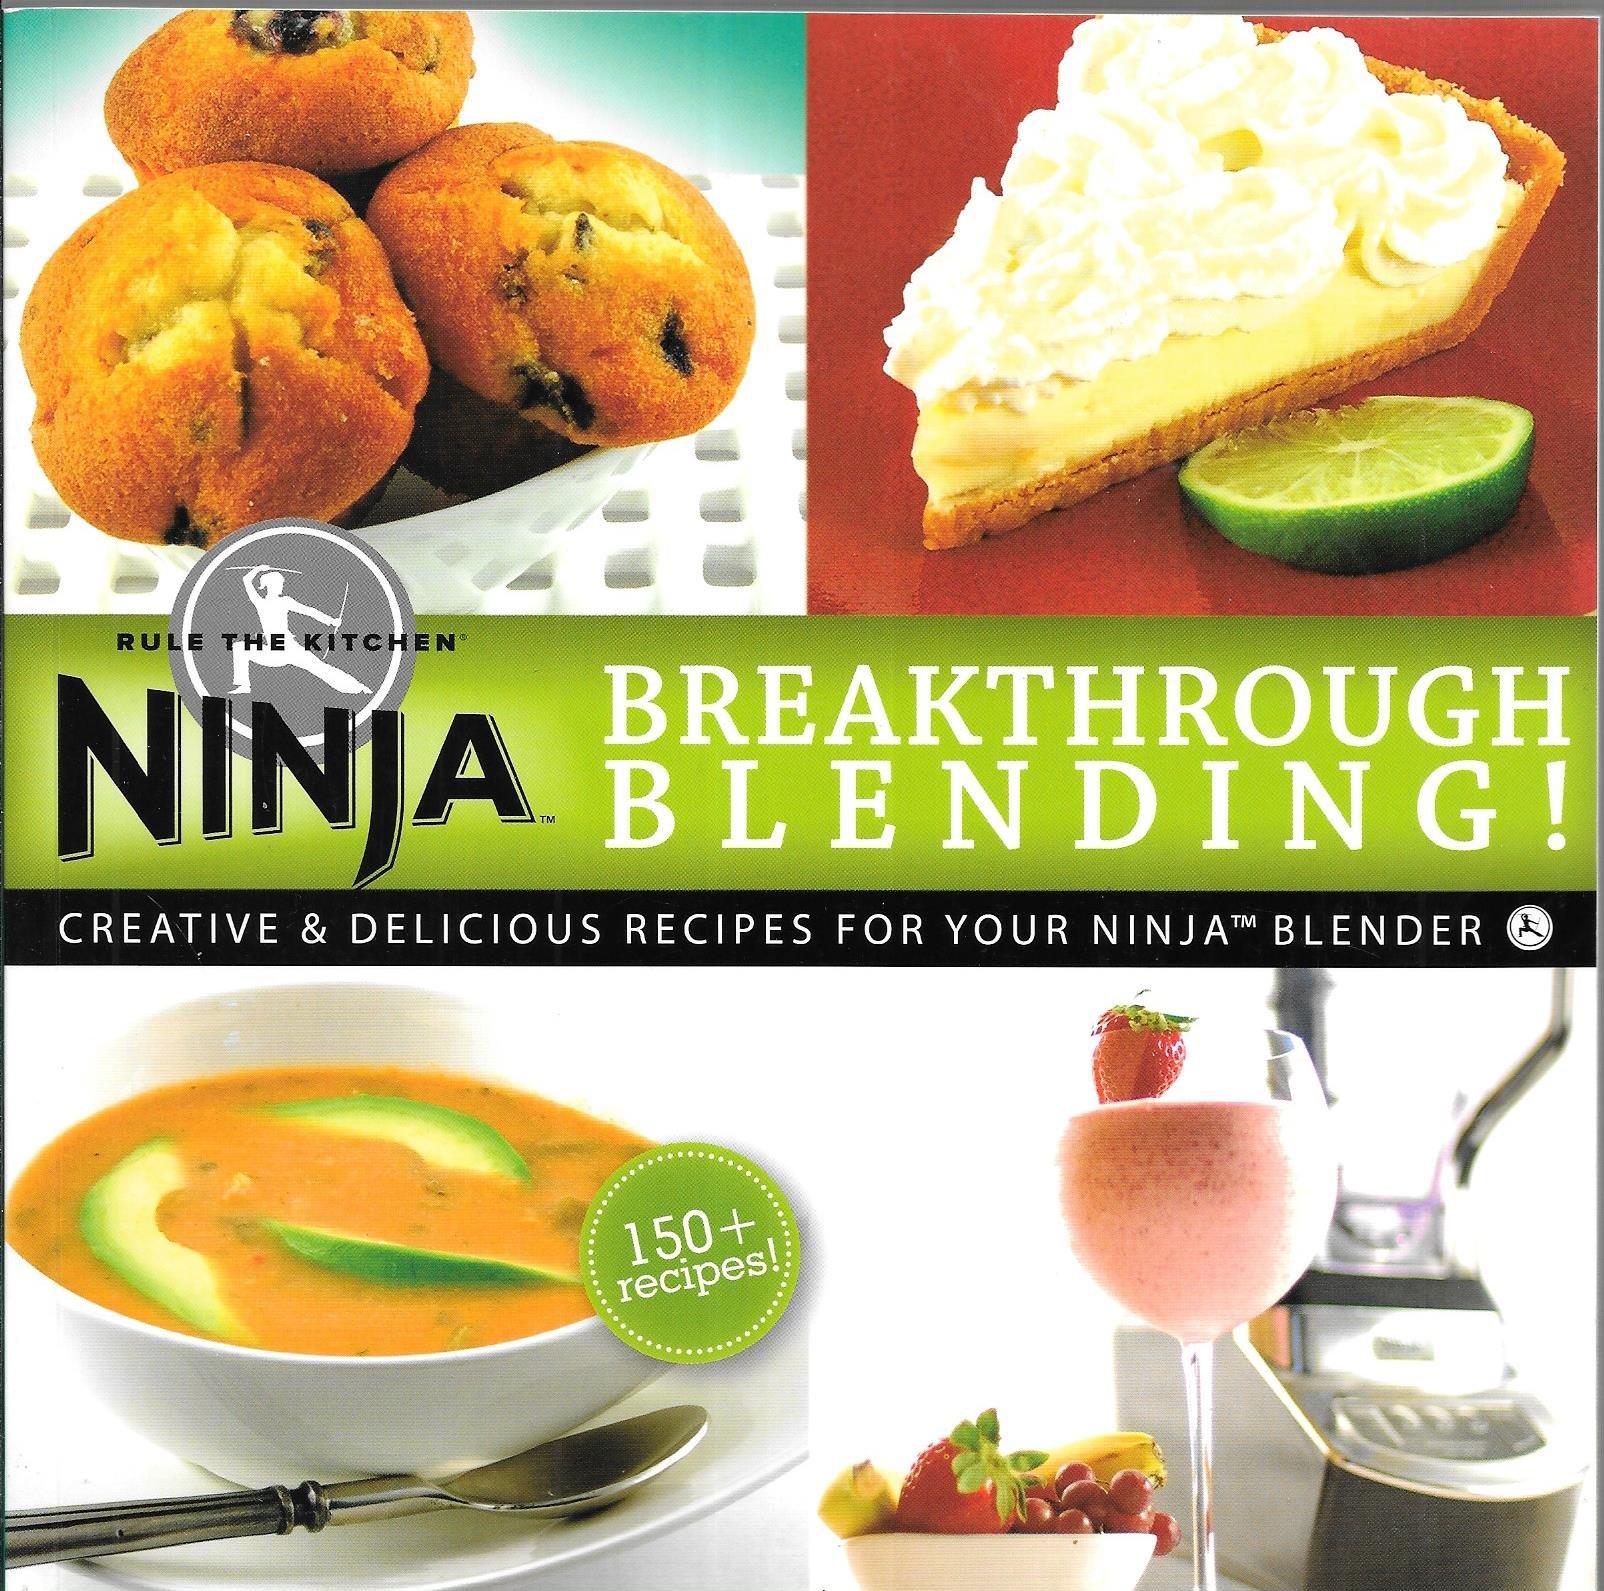 Ninja blender cookbook breakthrough blending 150 delicious recipe ninja blender cookbook breakthrough blending 150 delicious recipe cook book na 9781929862849 amazon books fandeluxe Images